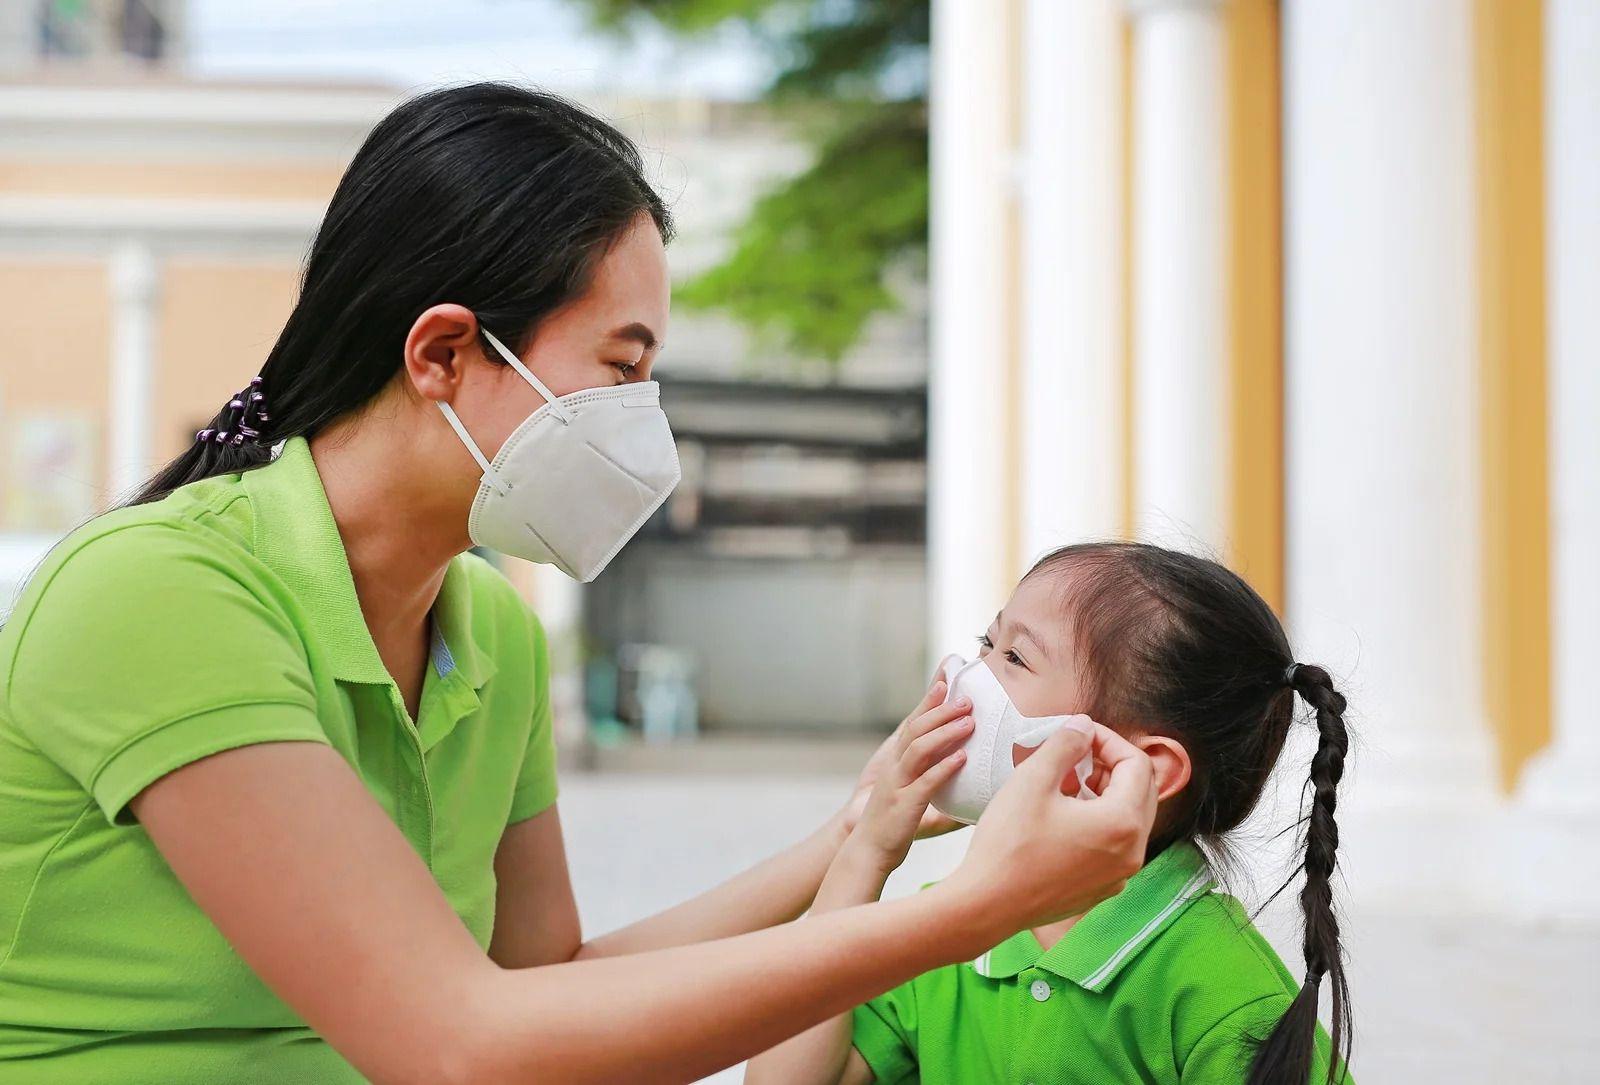 3 cách chăm sóc trẻ em trong mùa dịch COVID-19